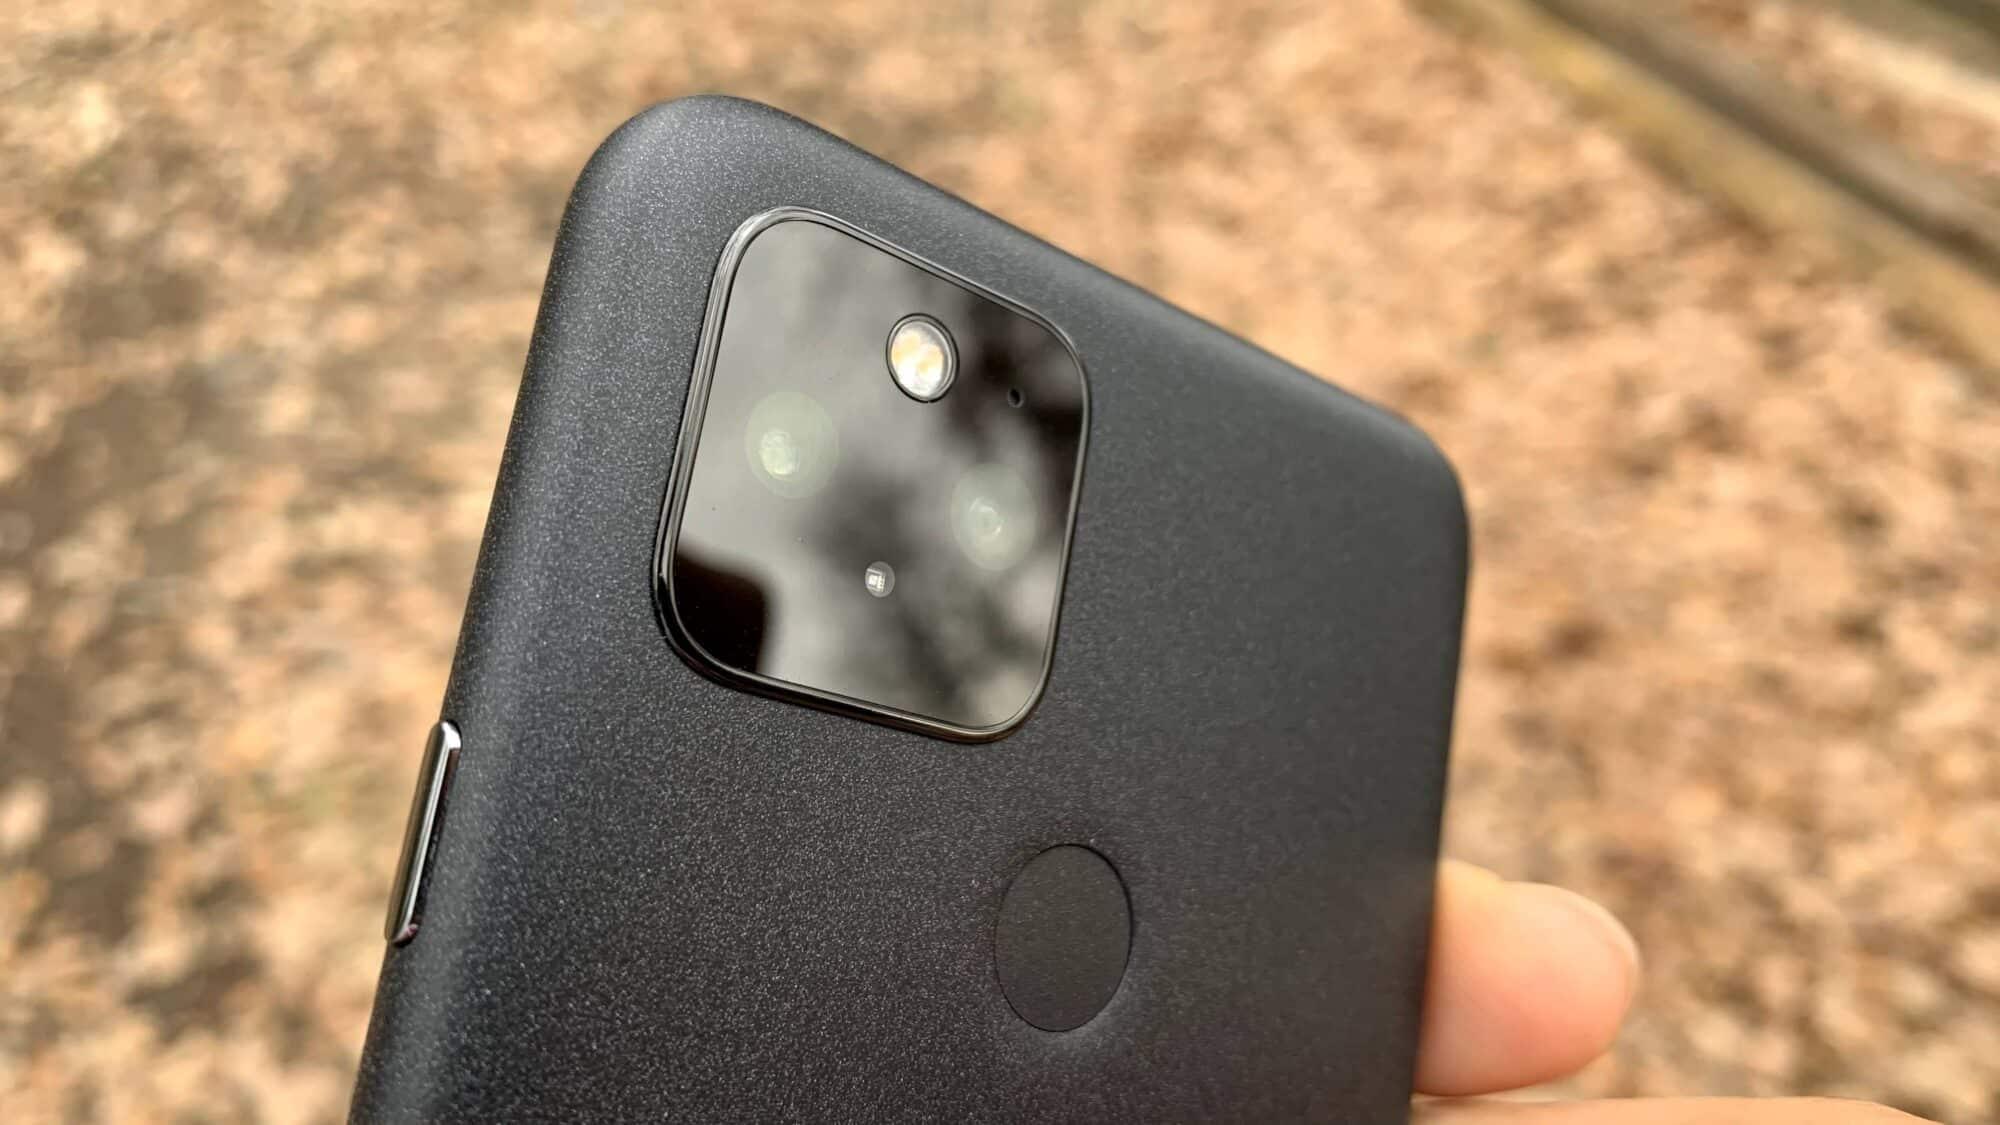 Google Pixel 5, TEST – Google Pixel 5 : Le best-seller sur Android